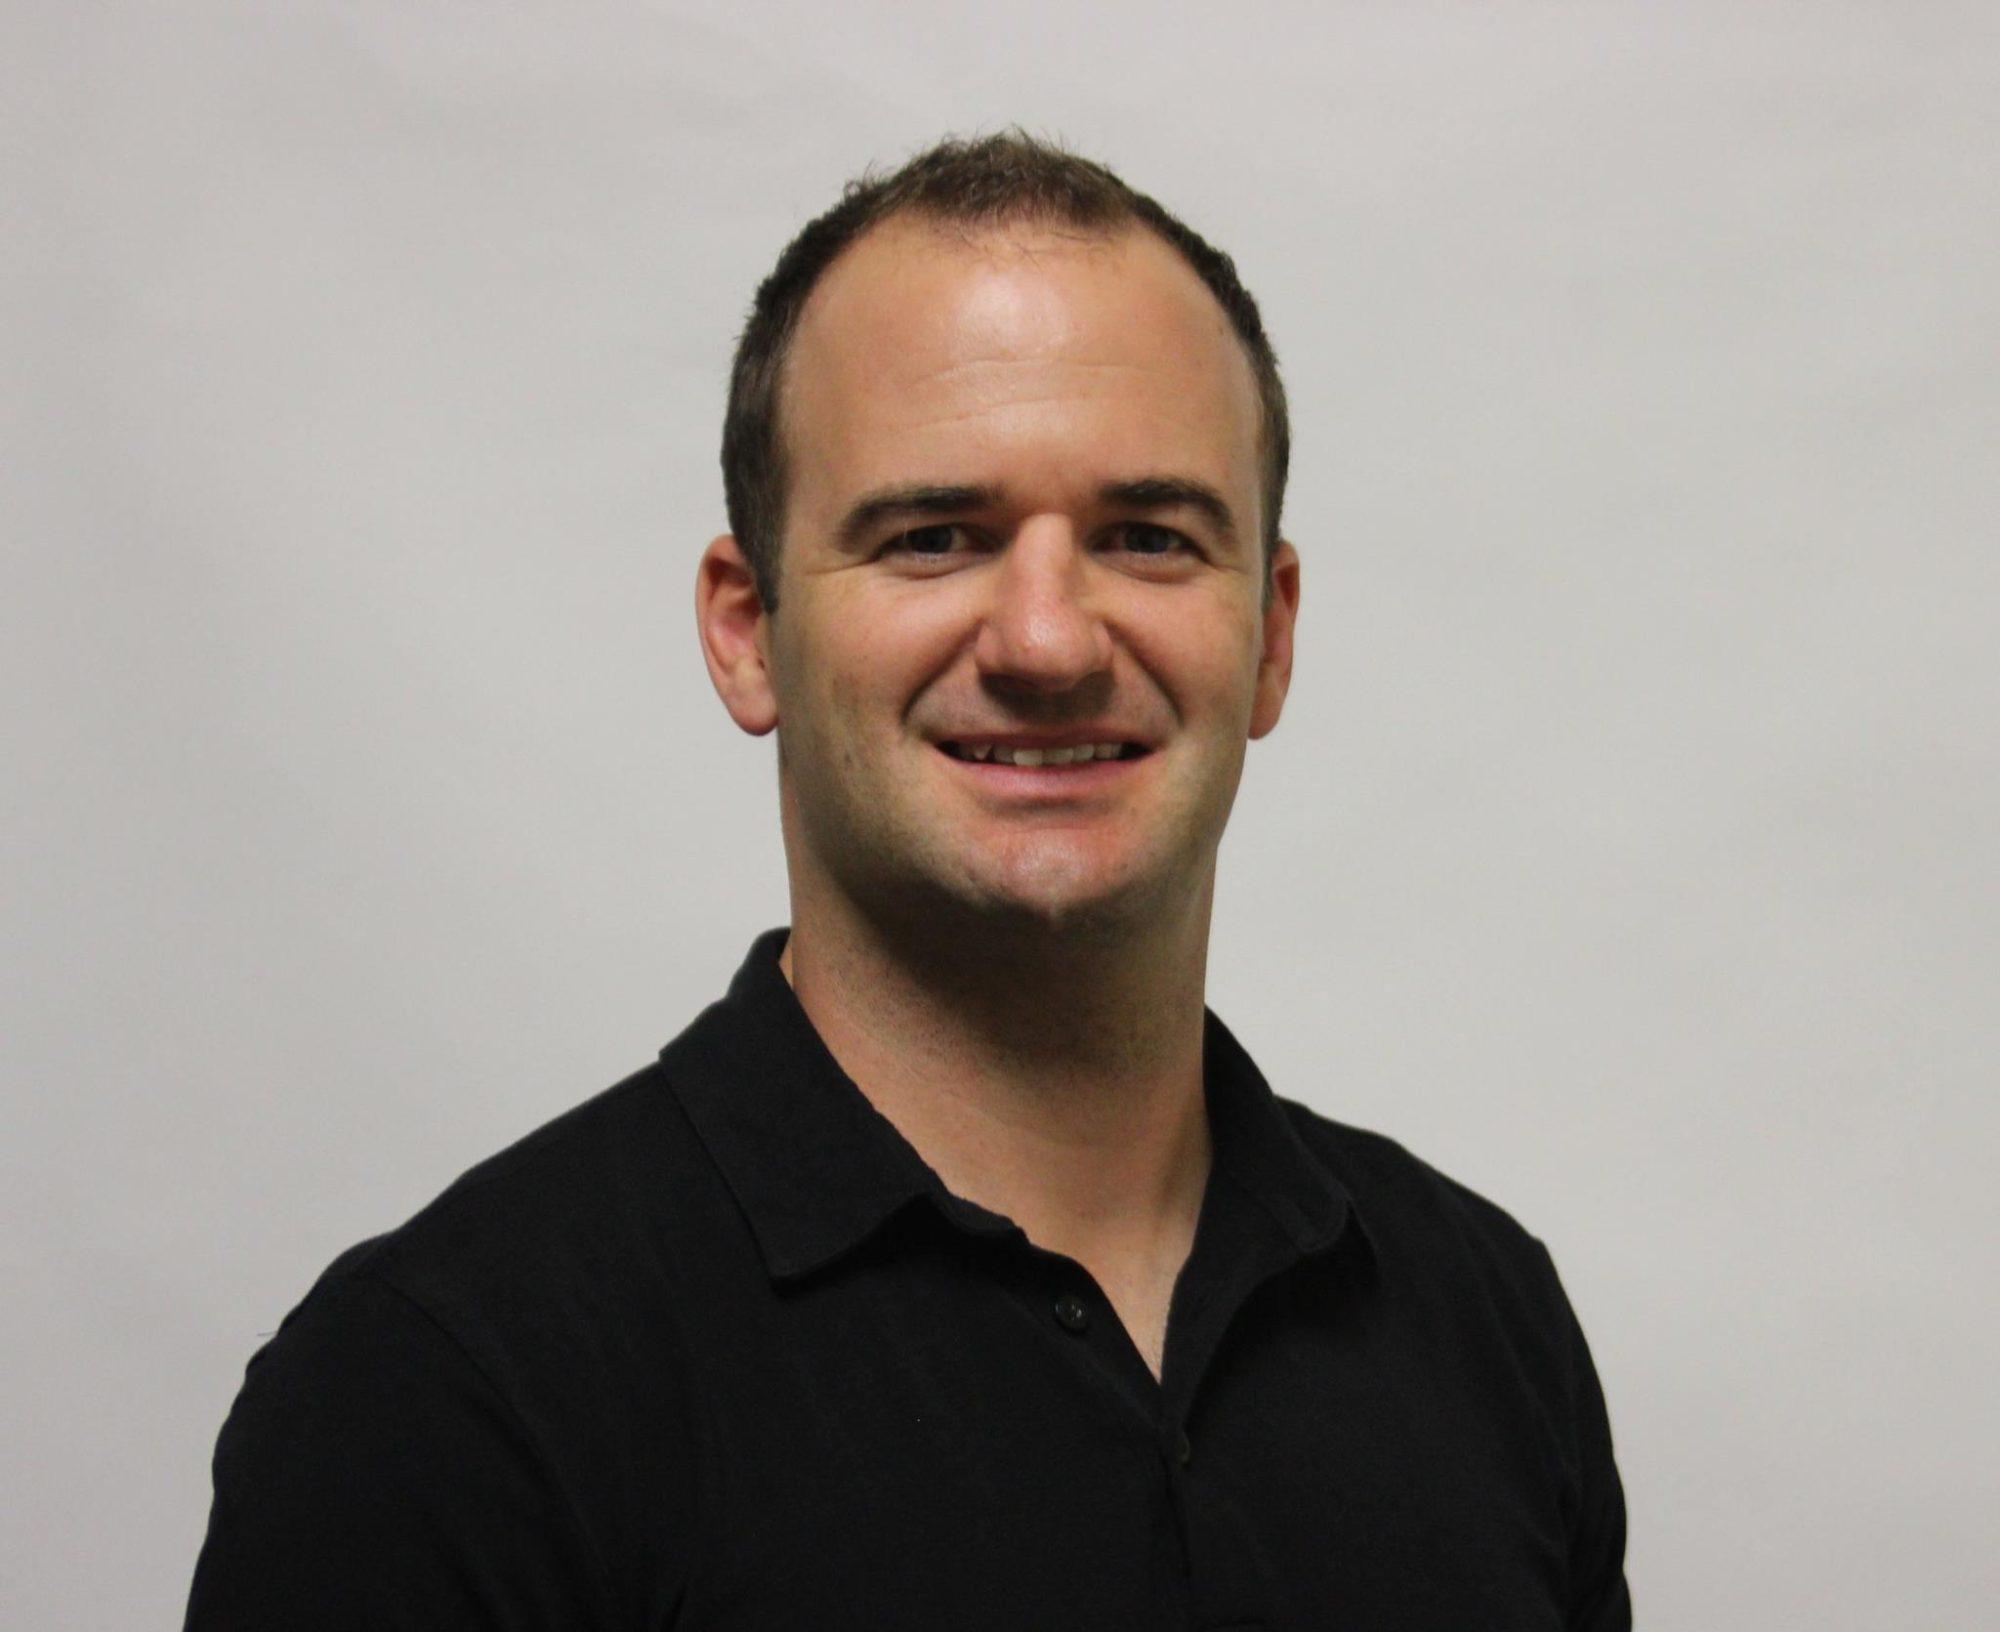 Dr. Philip Knapp